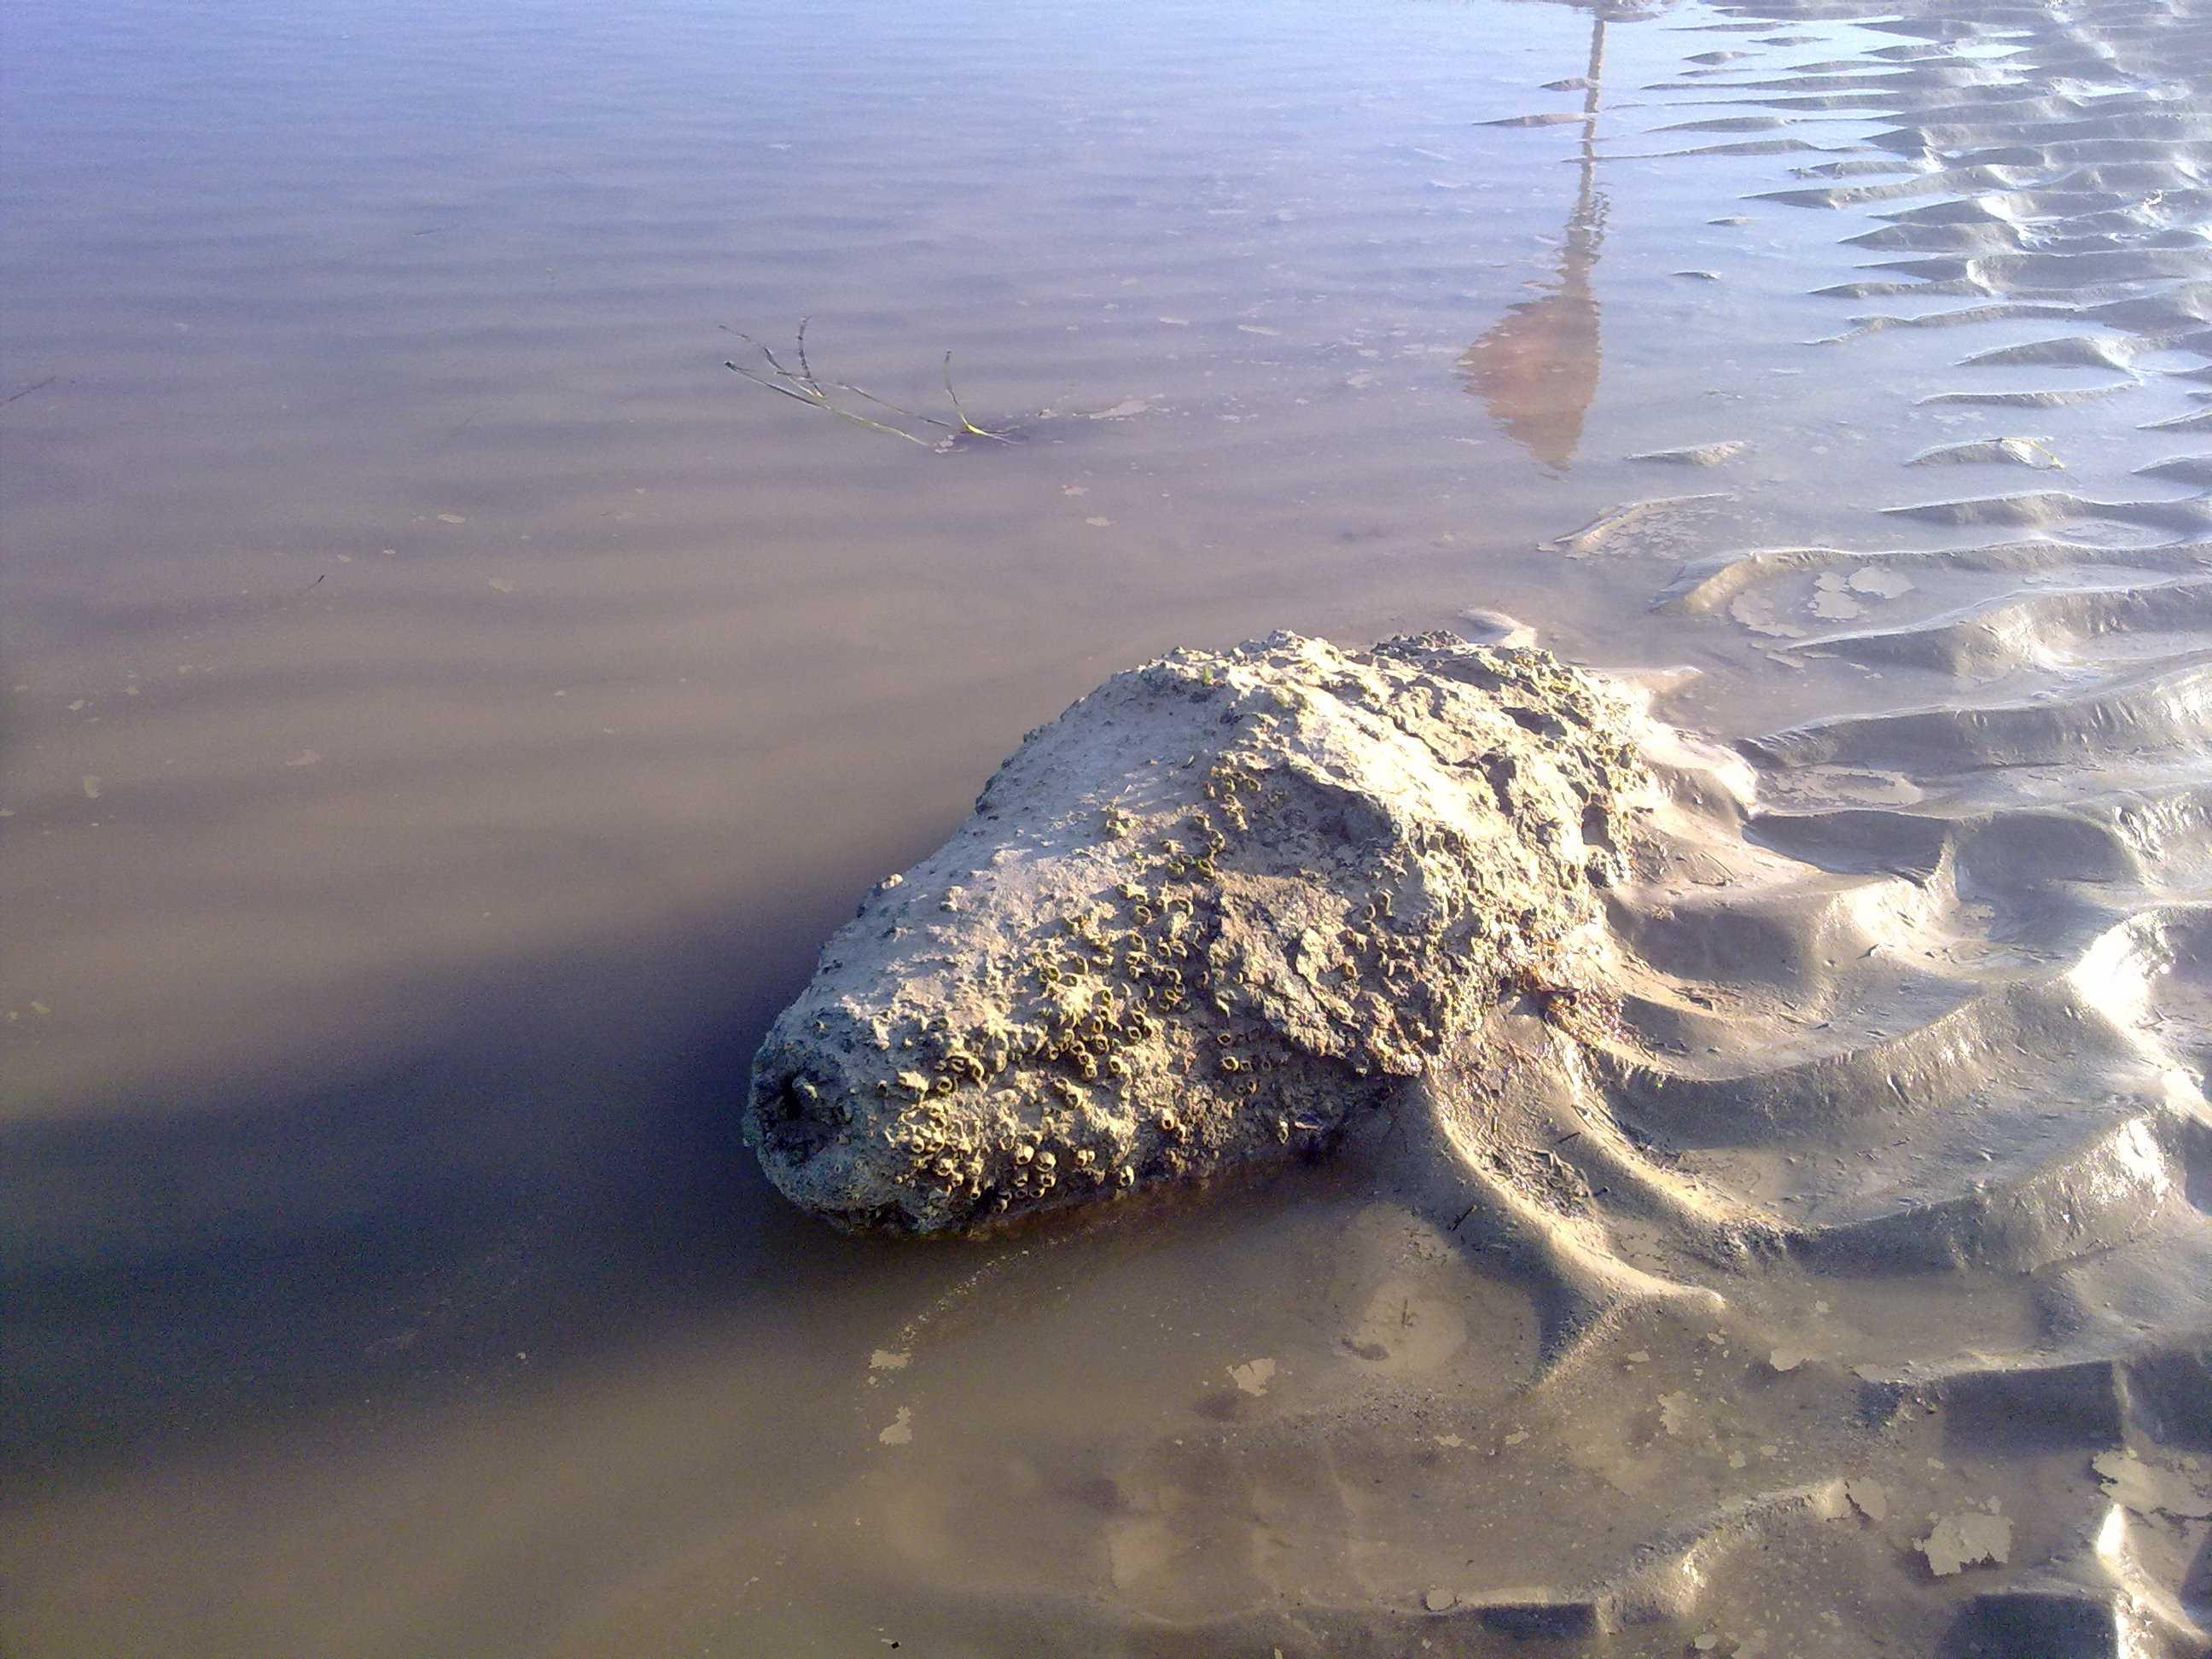 день строителя находки в азовском море фото тебя поздравим, пожелаем